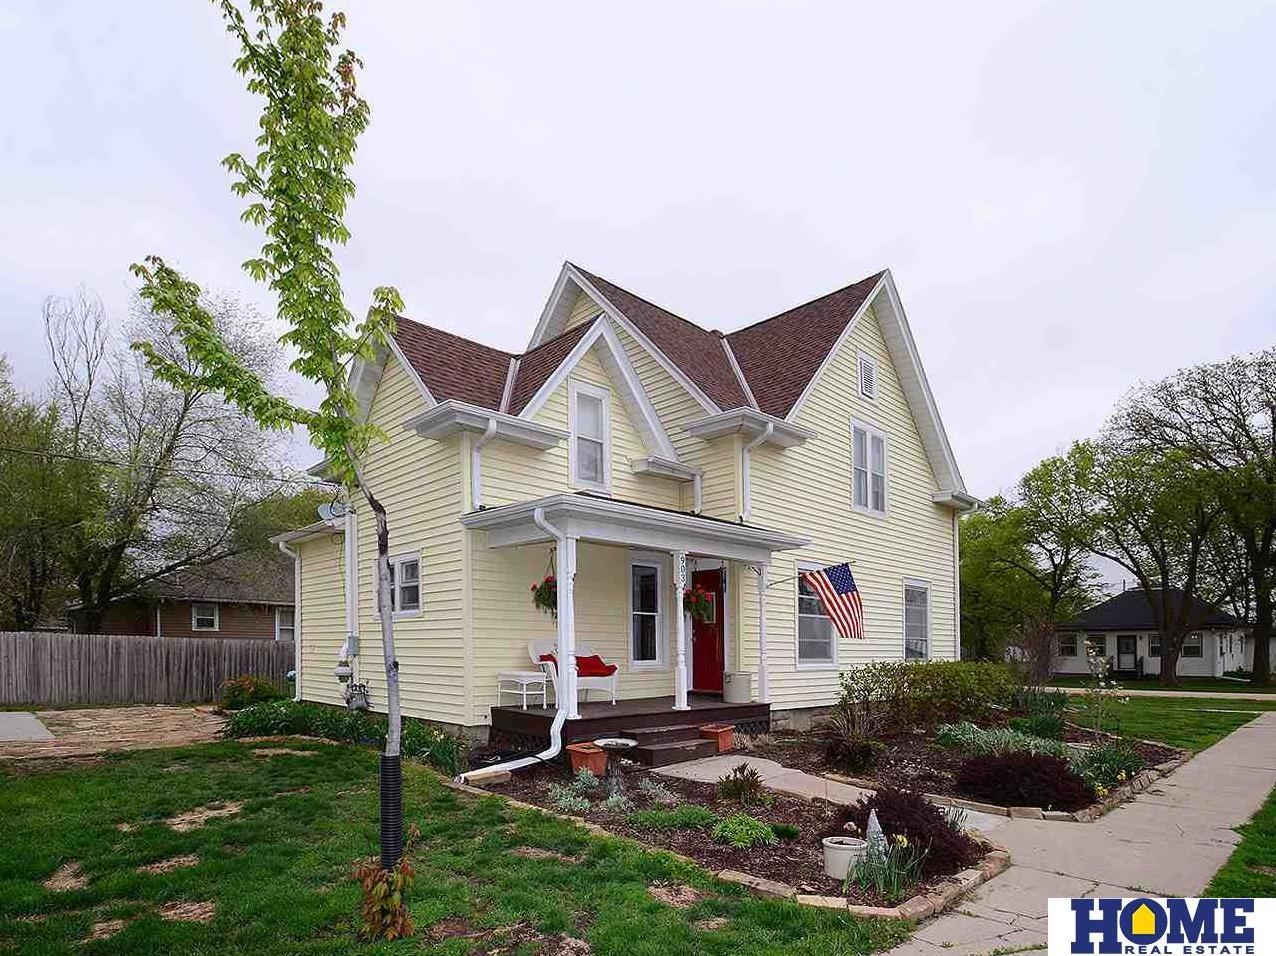 Photo of 903 Fulton Avenue Dorchester NE 68343